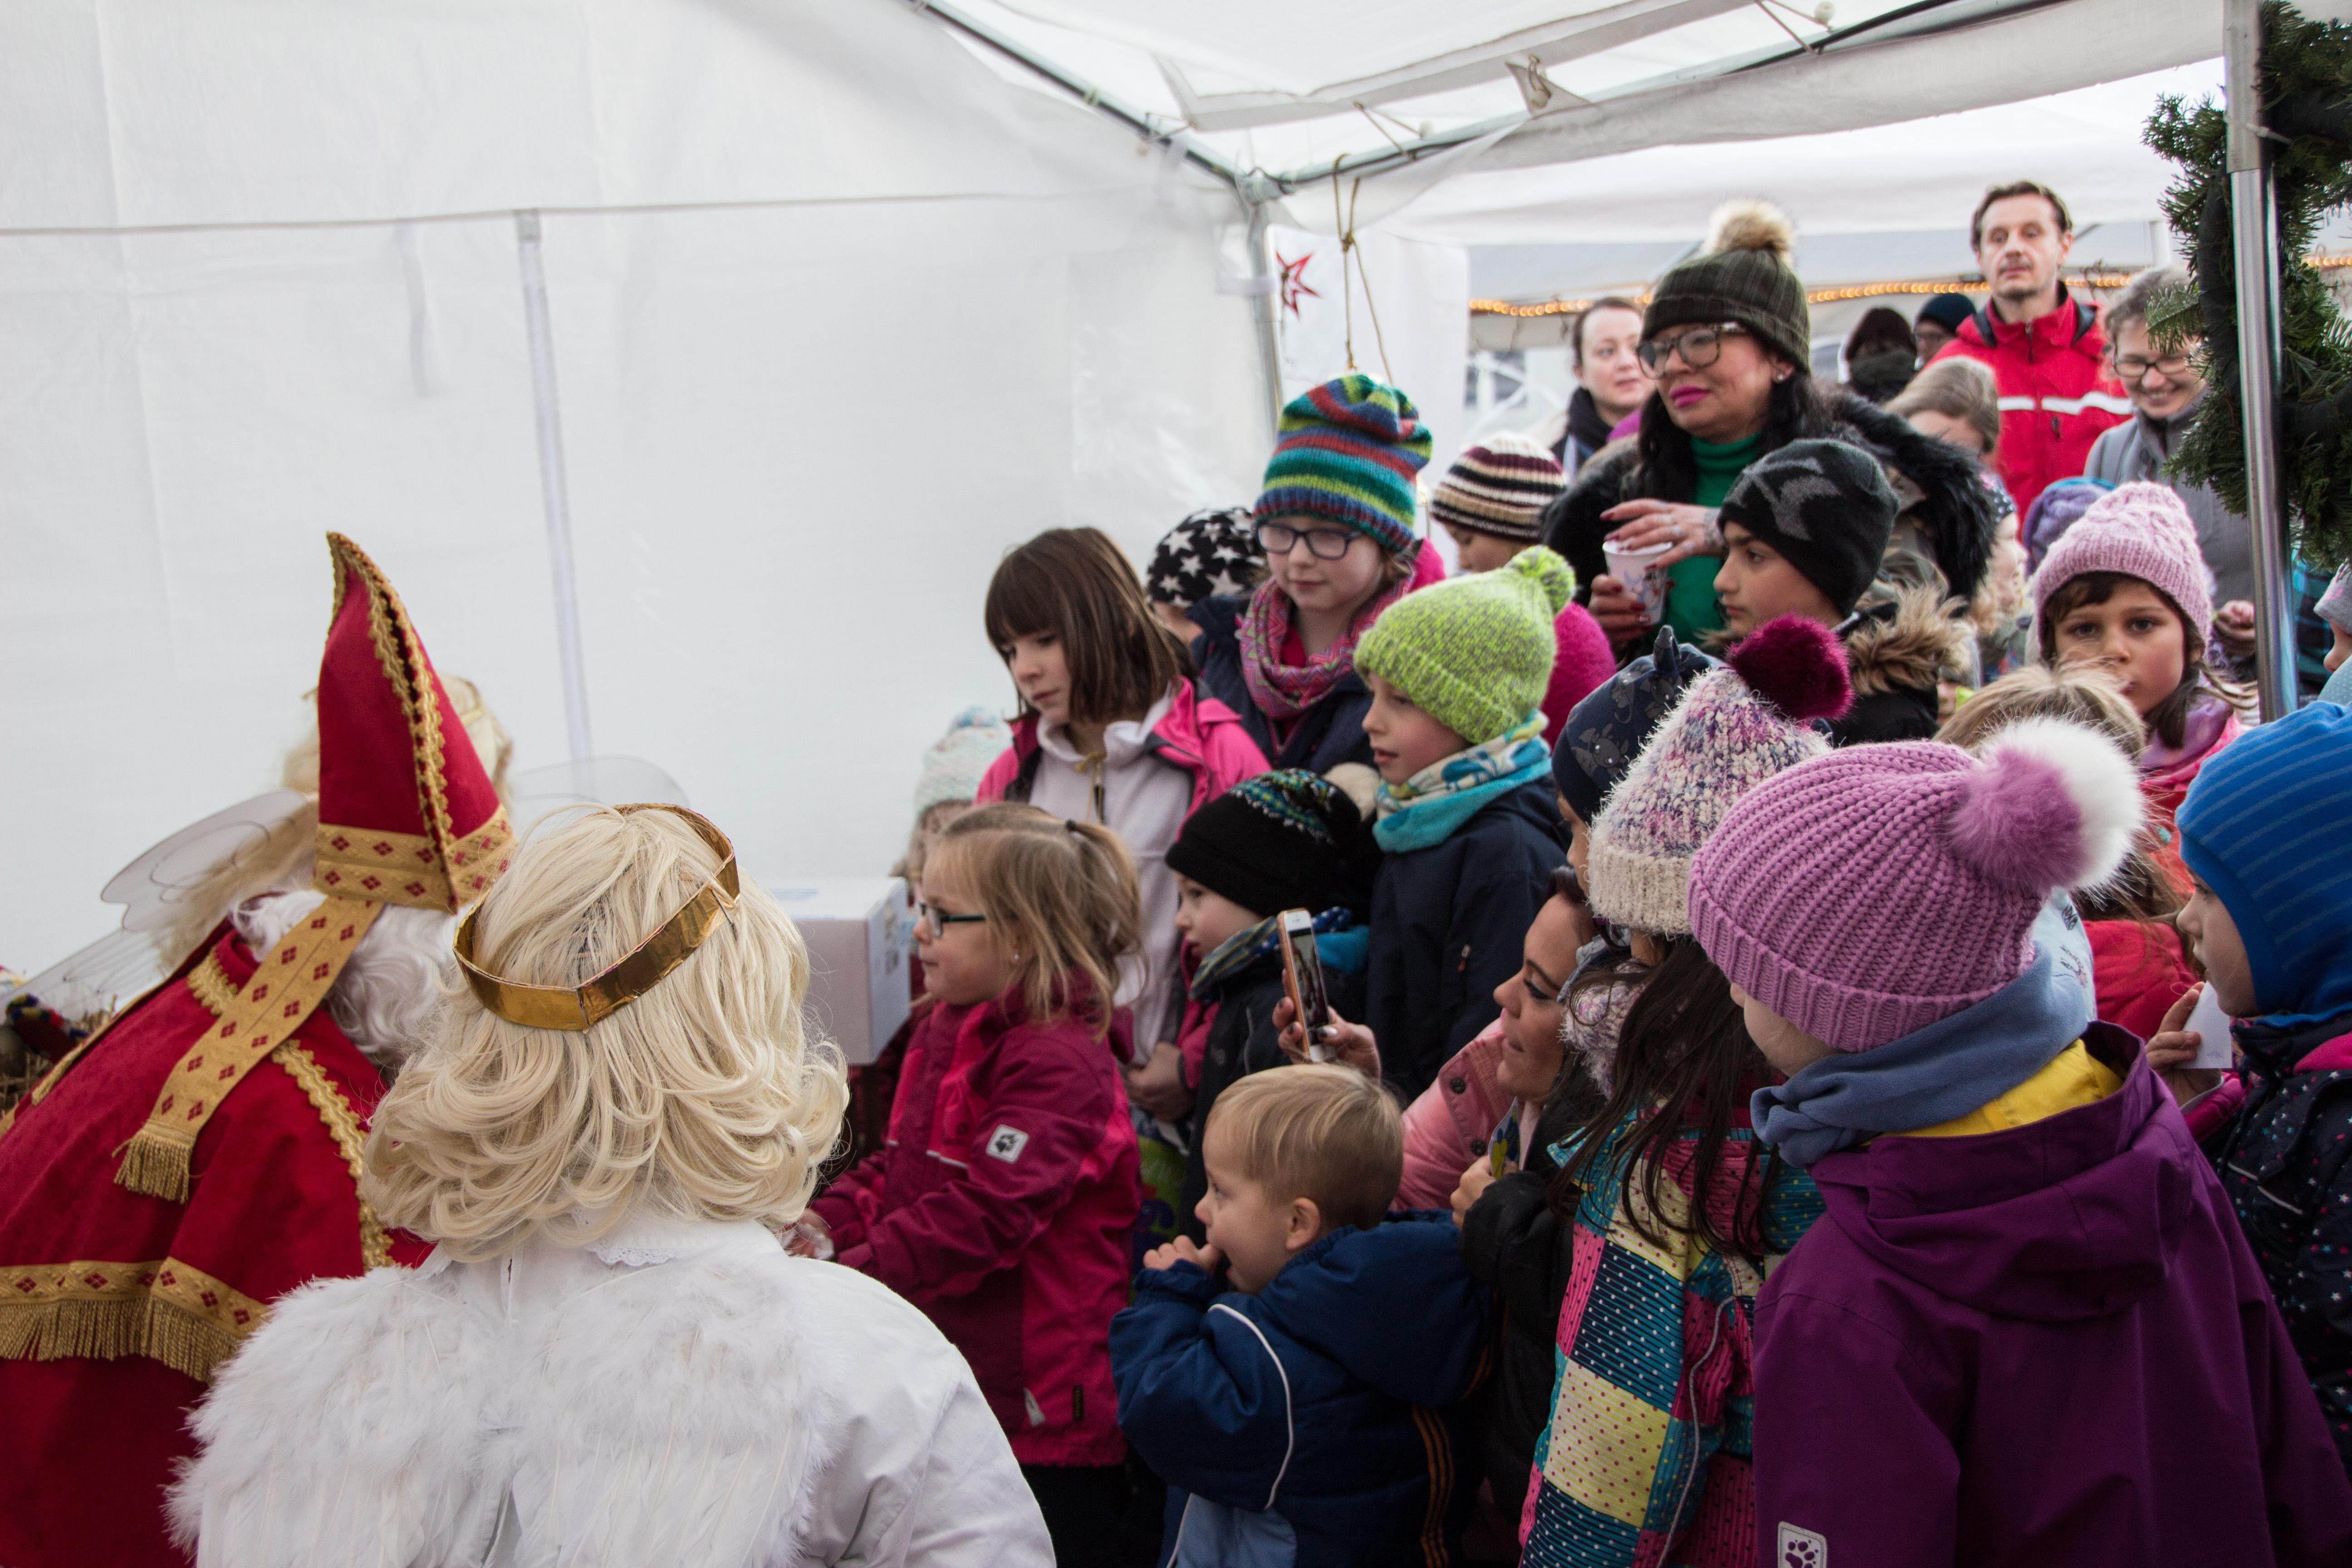 2016-12-04_Kinderweihnachtsmarkt-8144